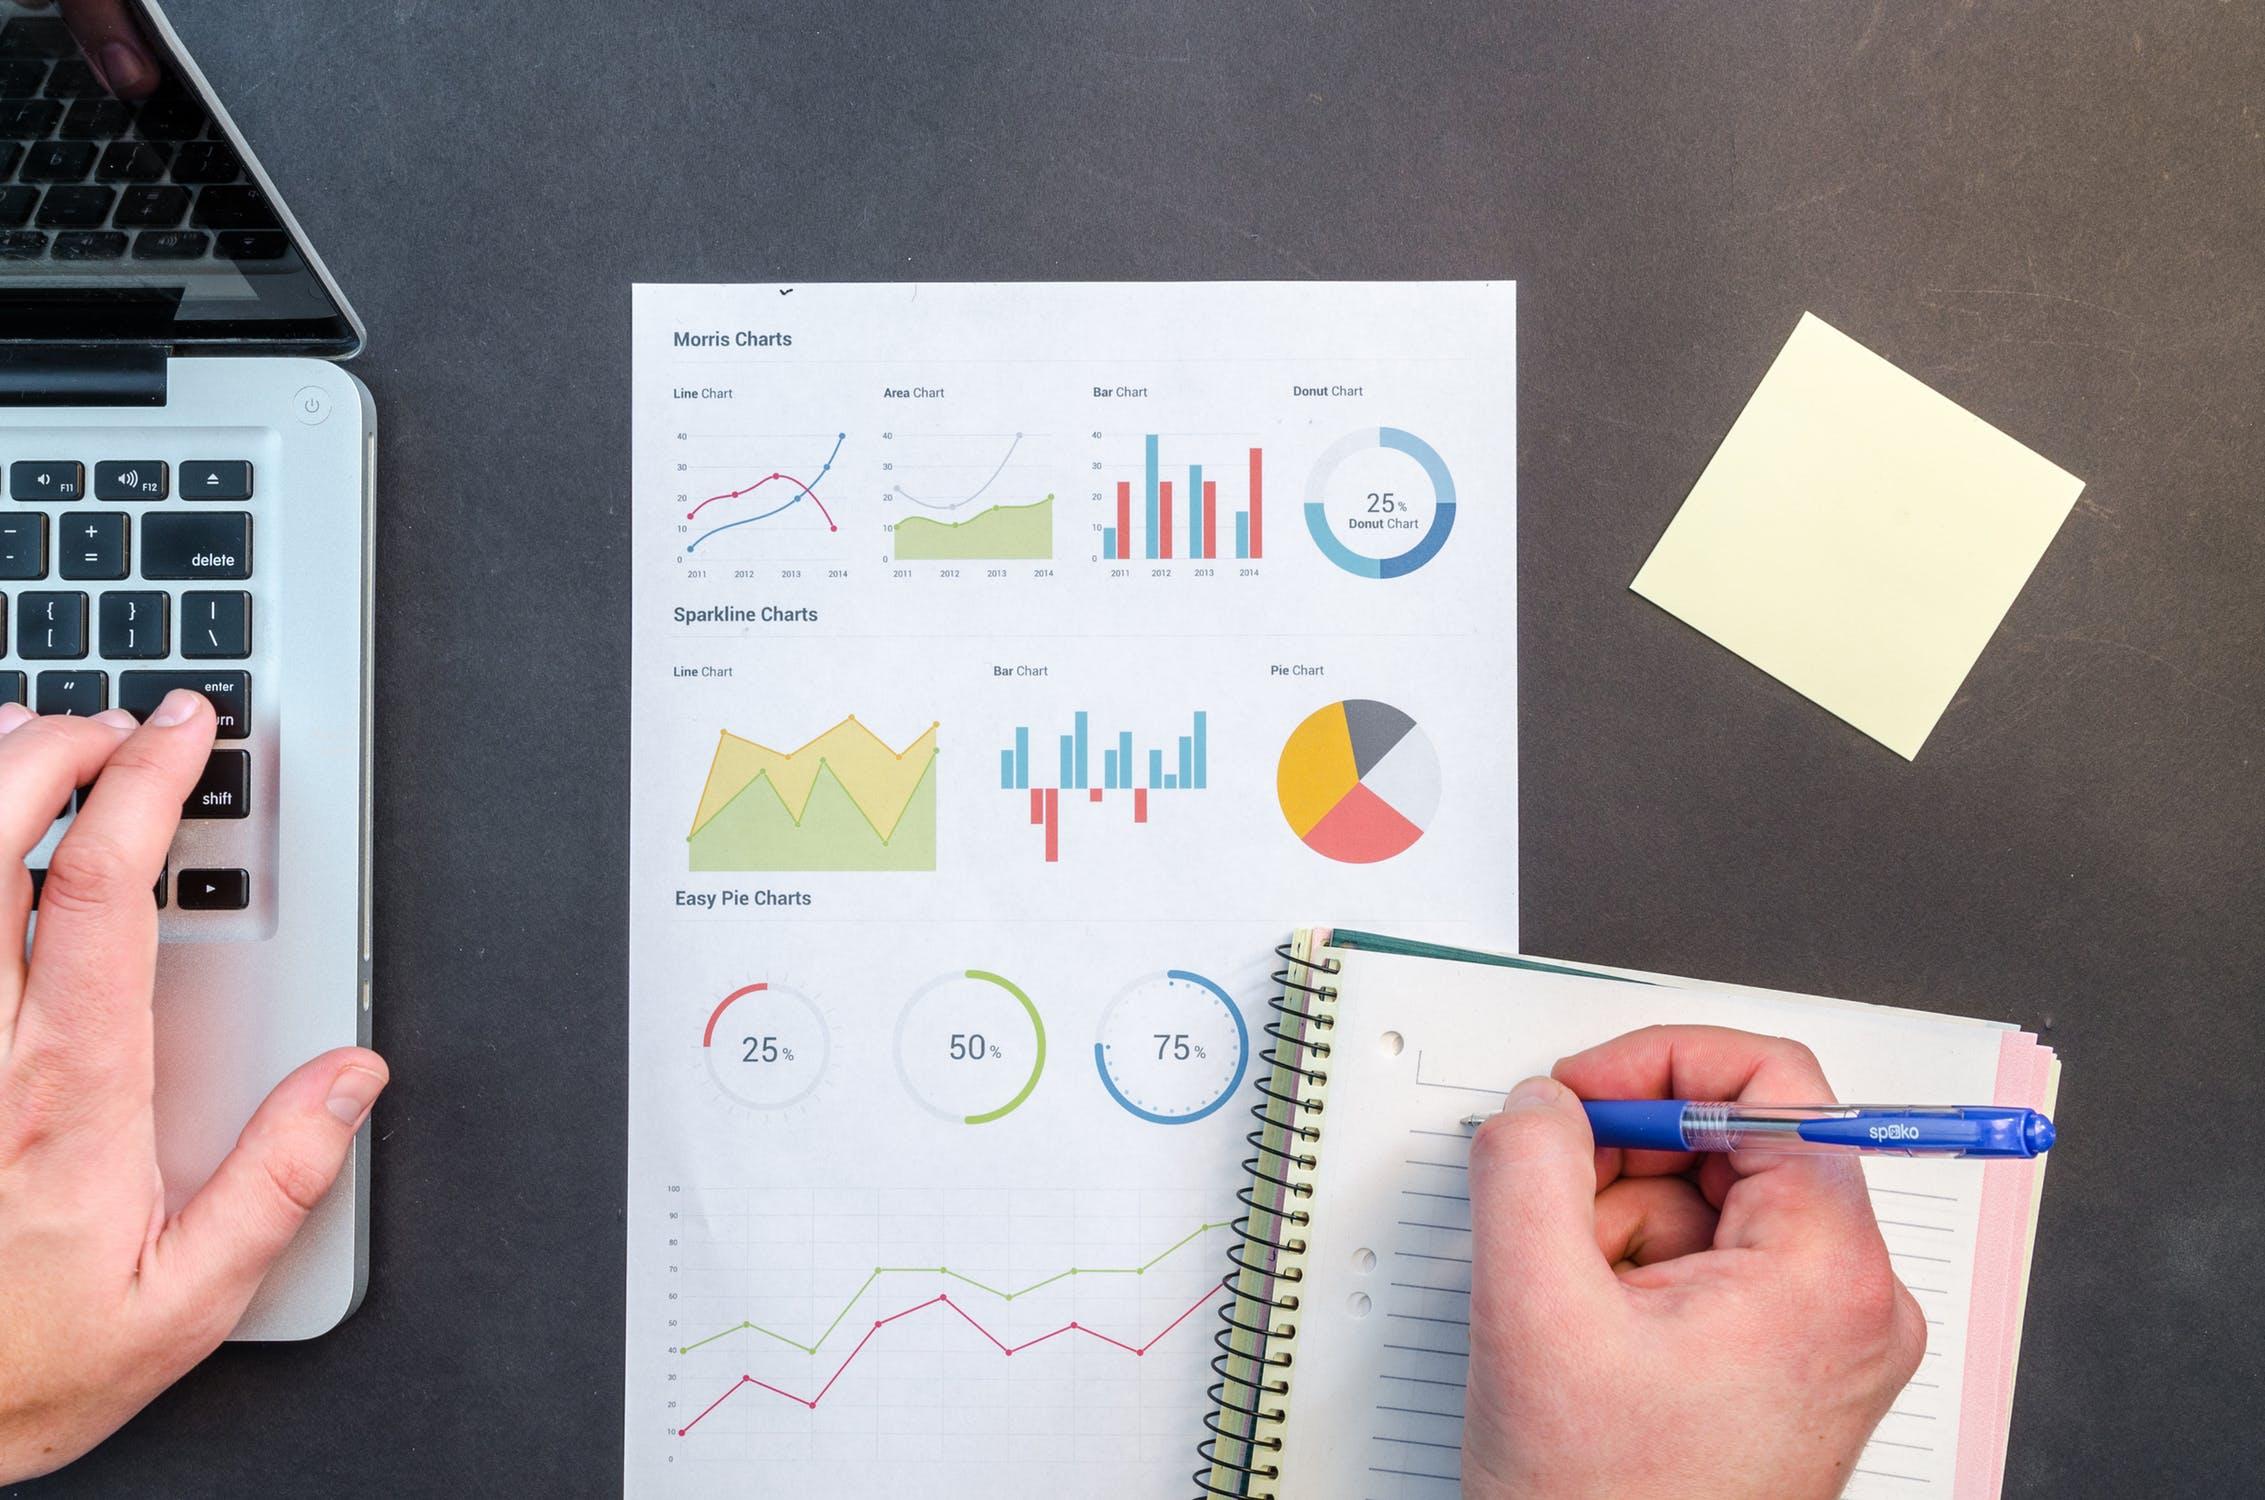 Daten und Fakten sind erforderlich, wenn Sie einen Fachartikel schreiben